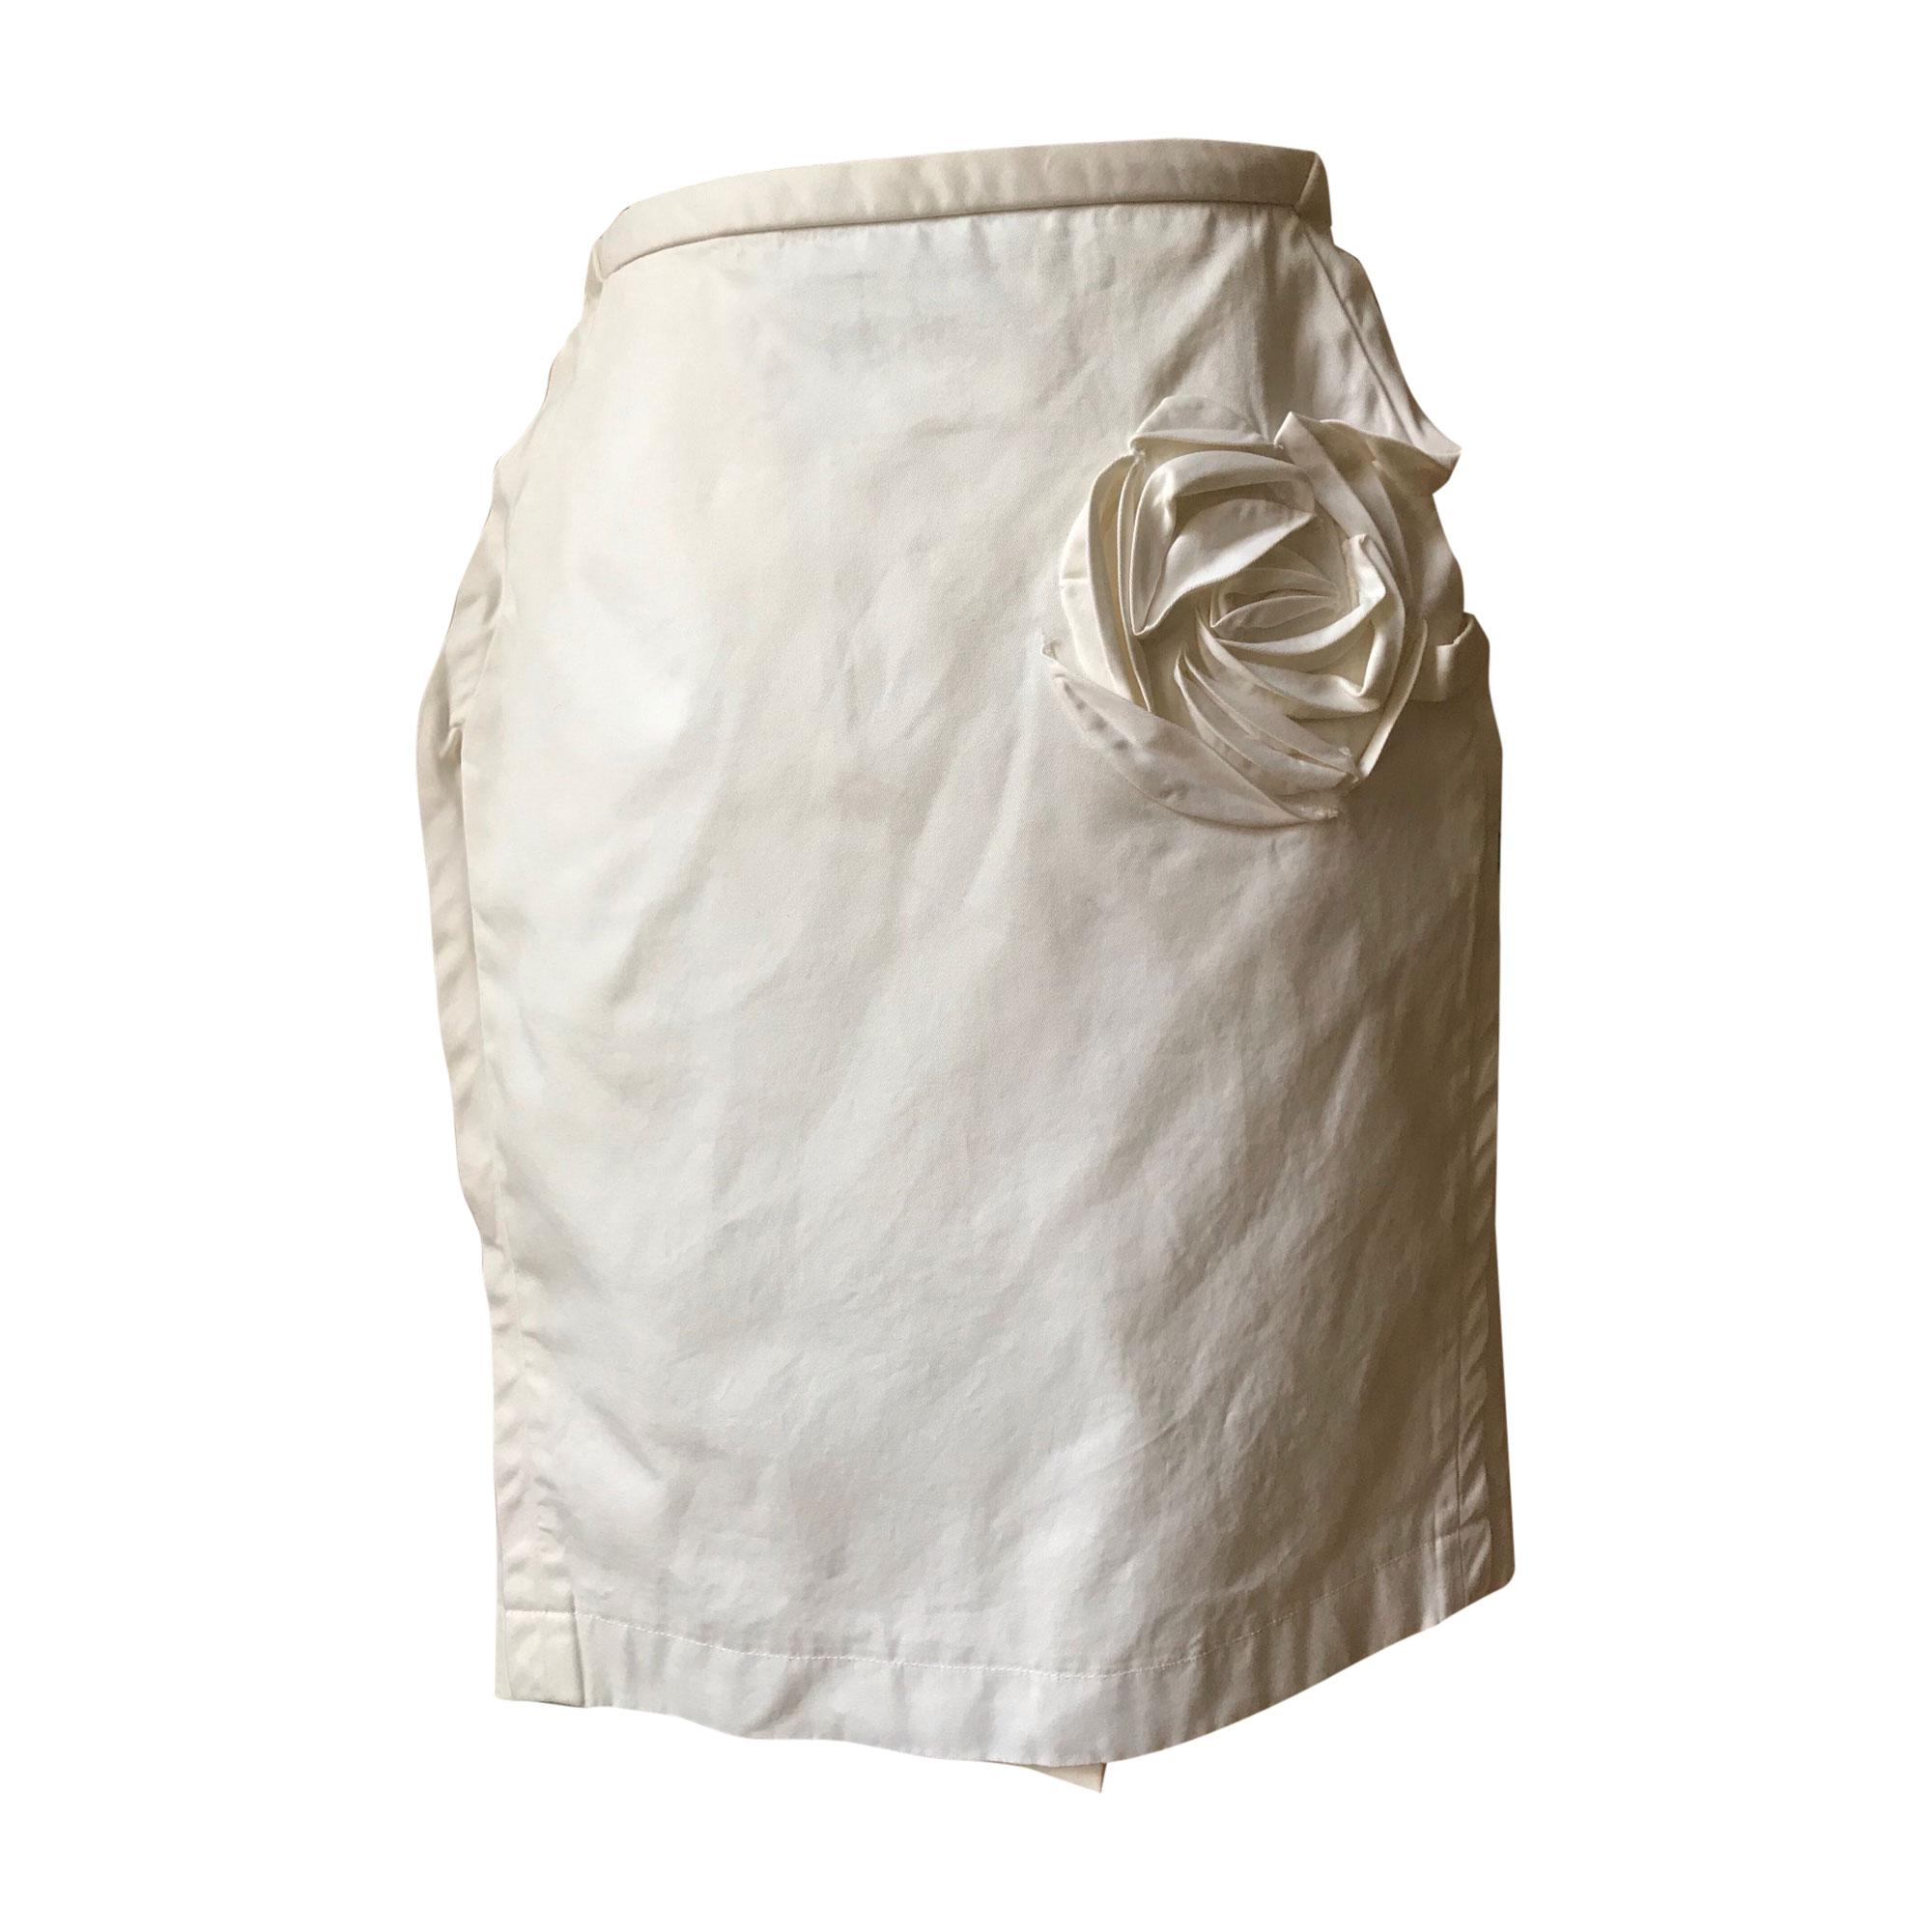 Jupe courte PAUL SMITH Blanc, blanc cassé, écru